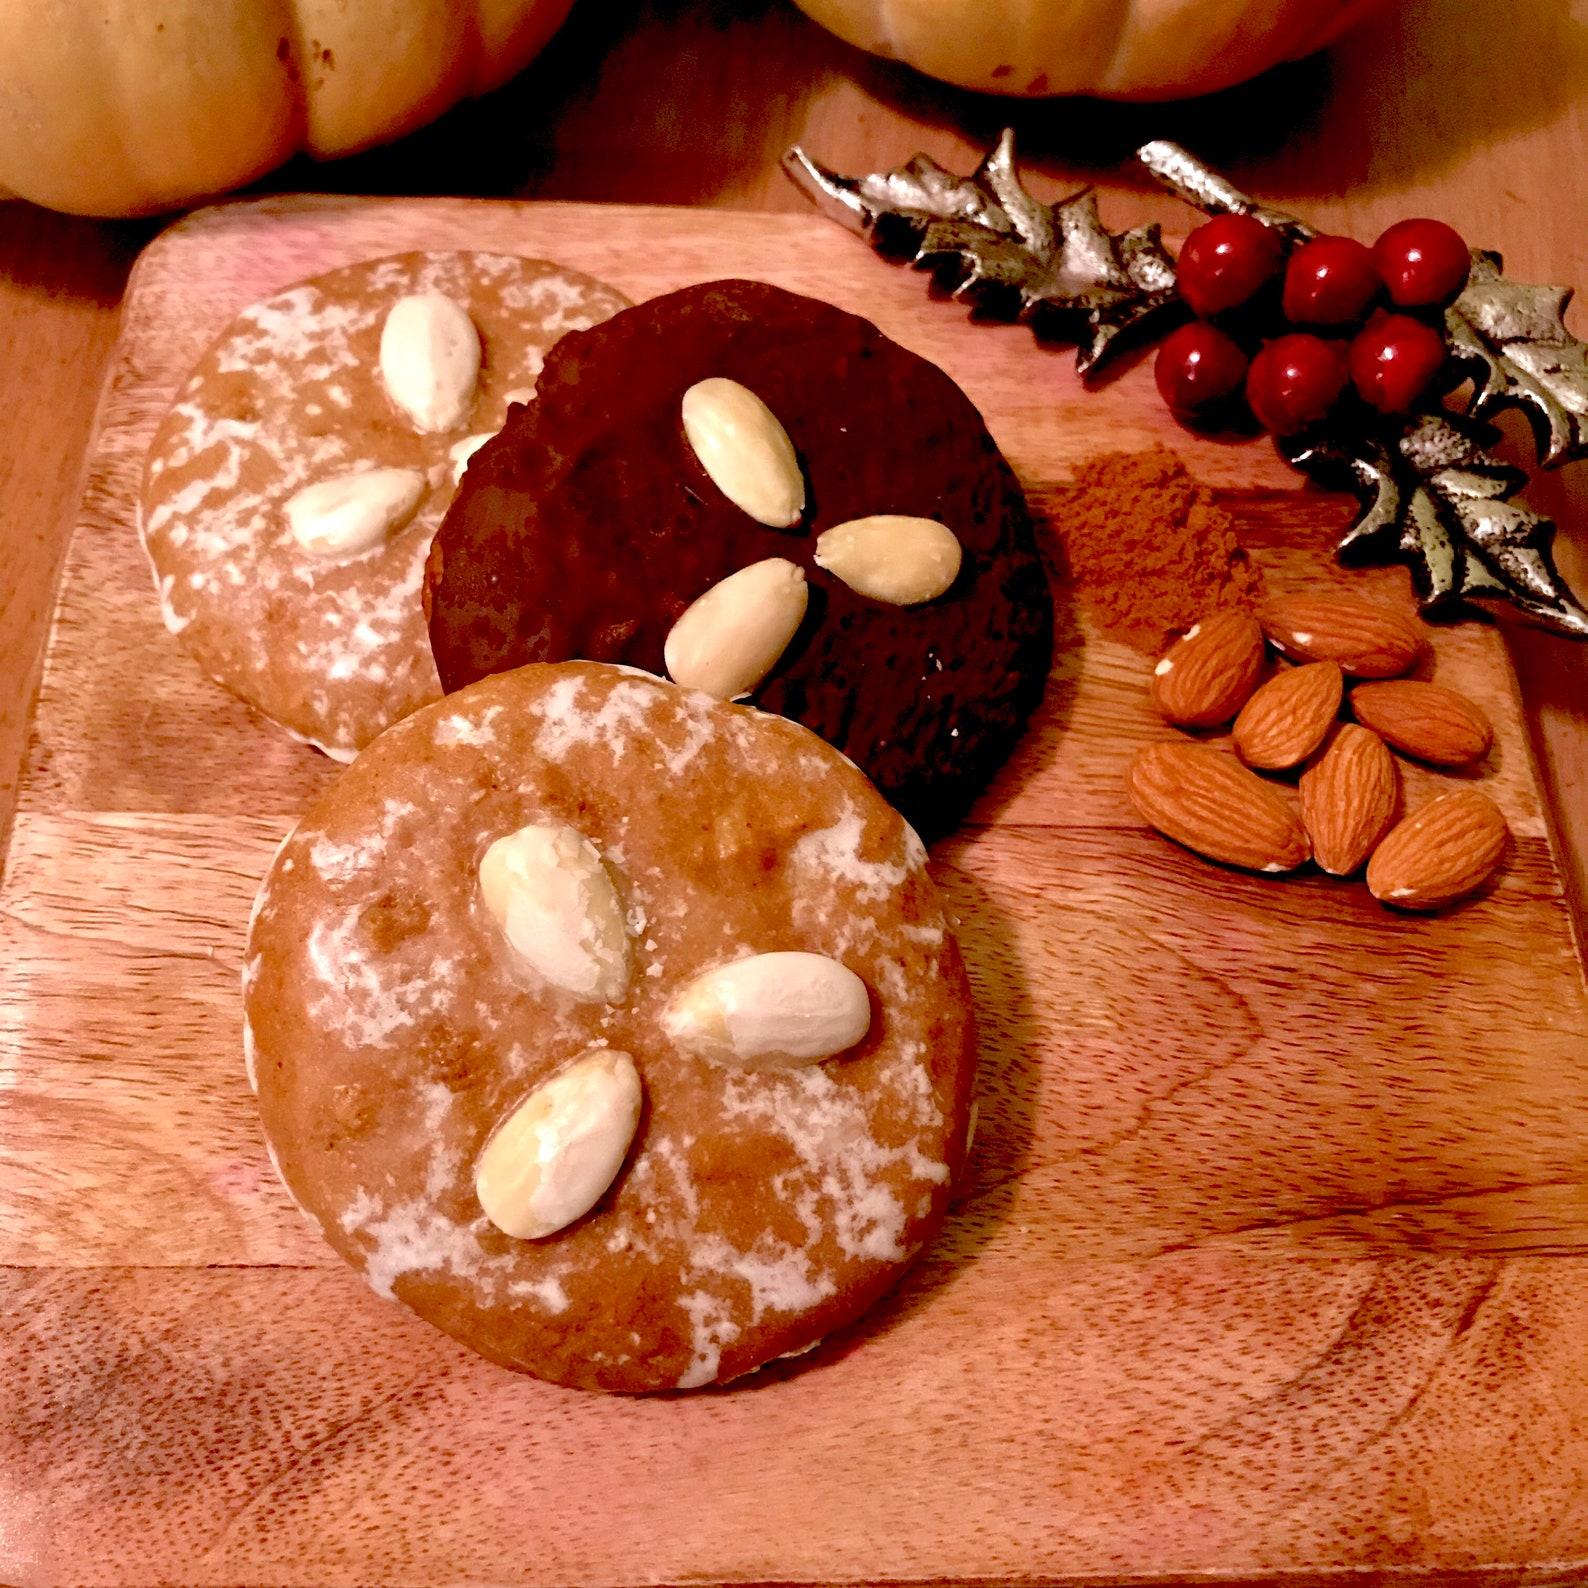 Chocolate Lebkuchen, Nuremberg Elisenlebkuchen